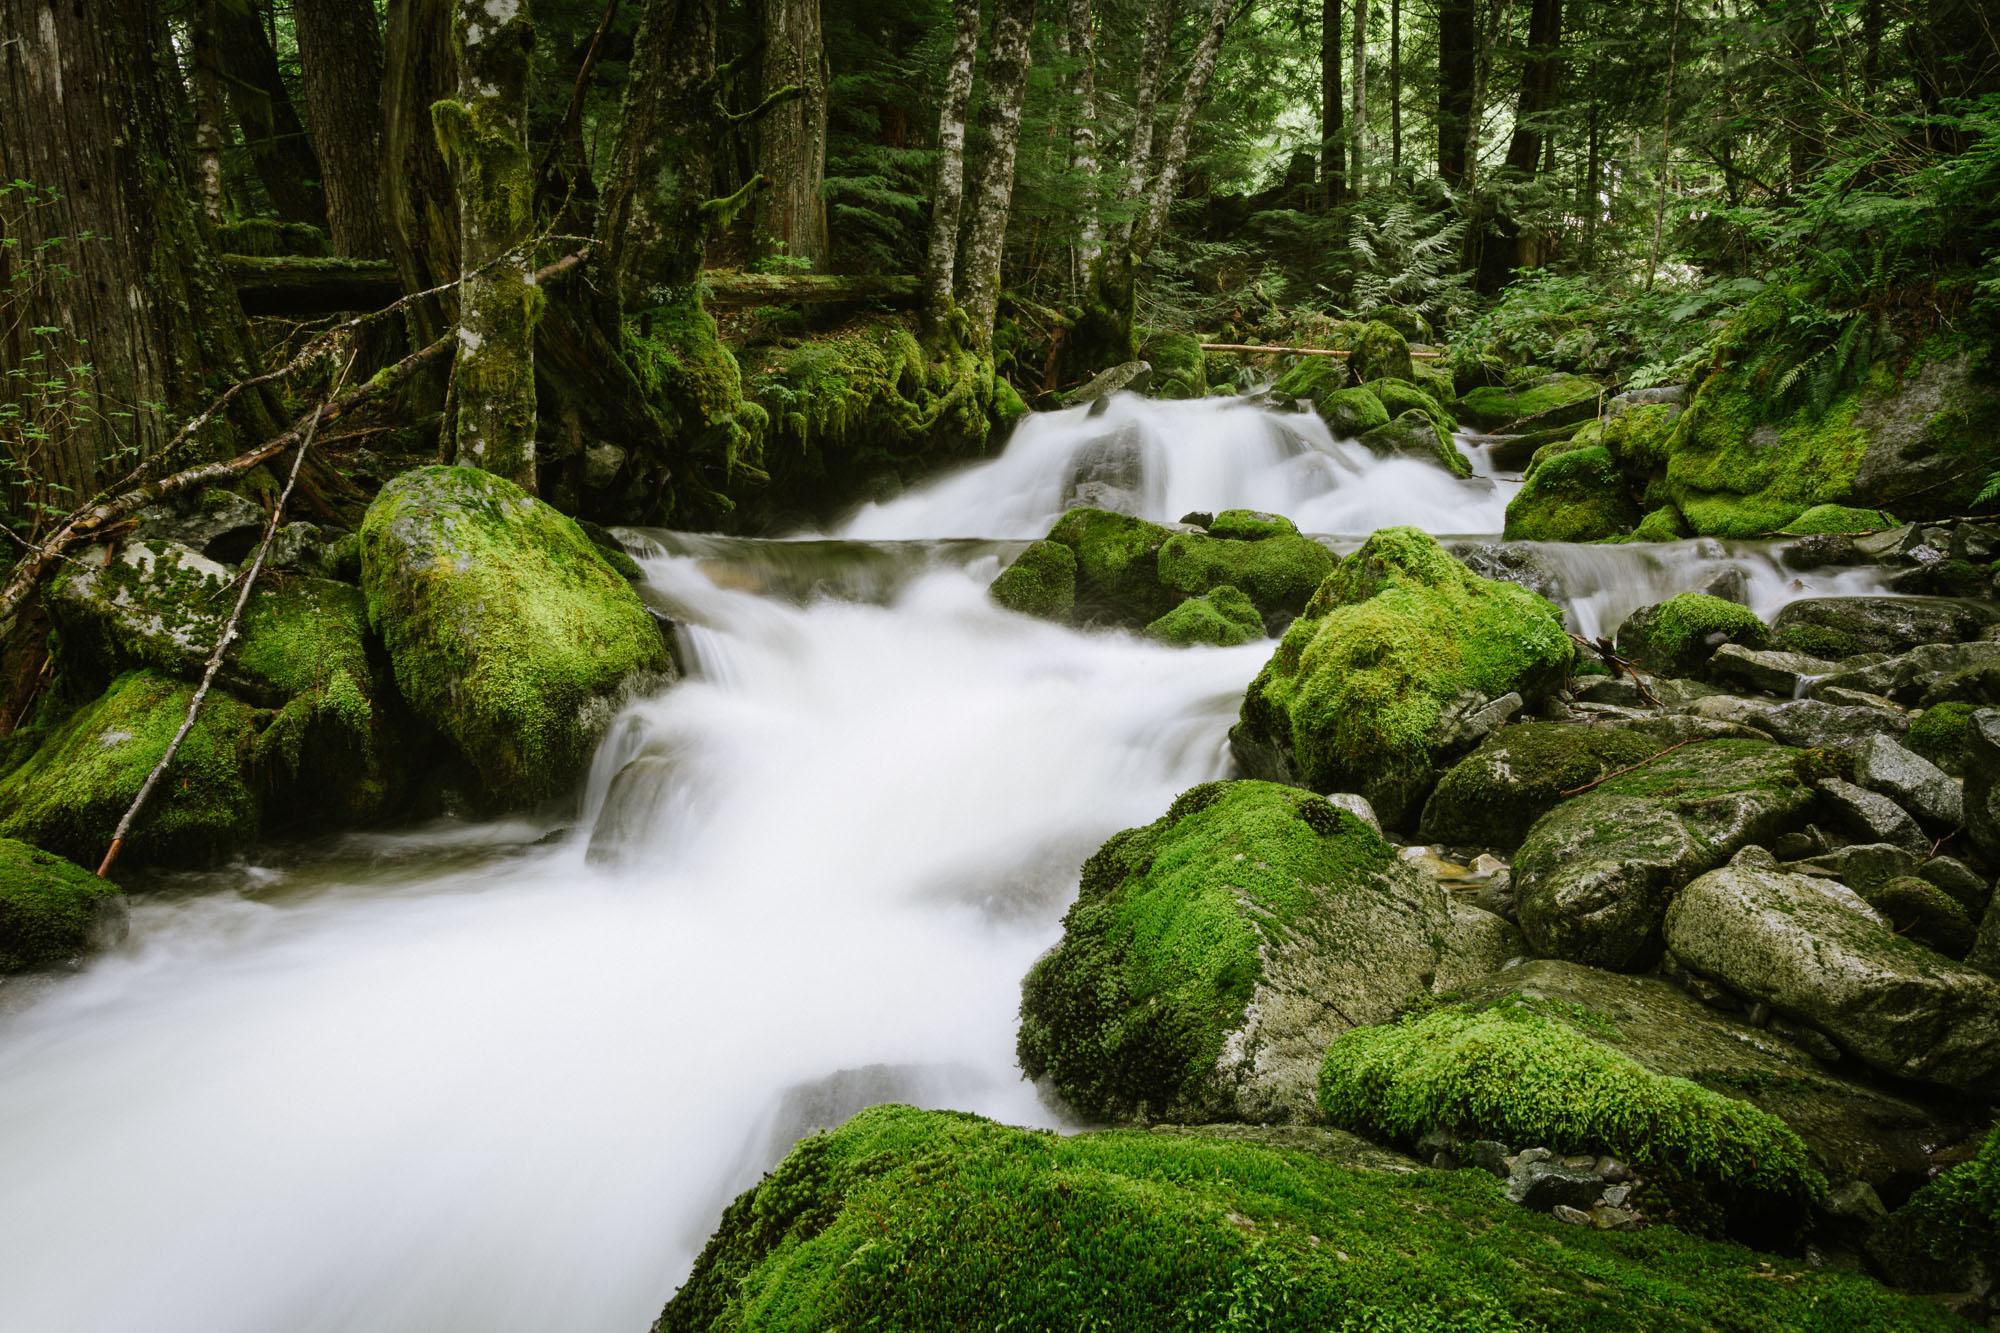 Squamish Creeks